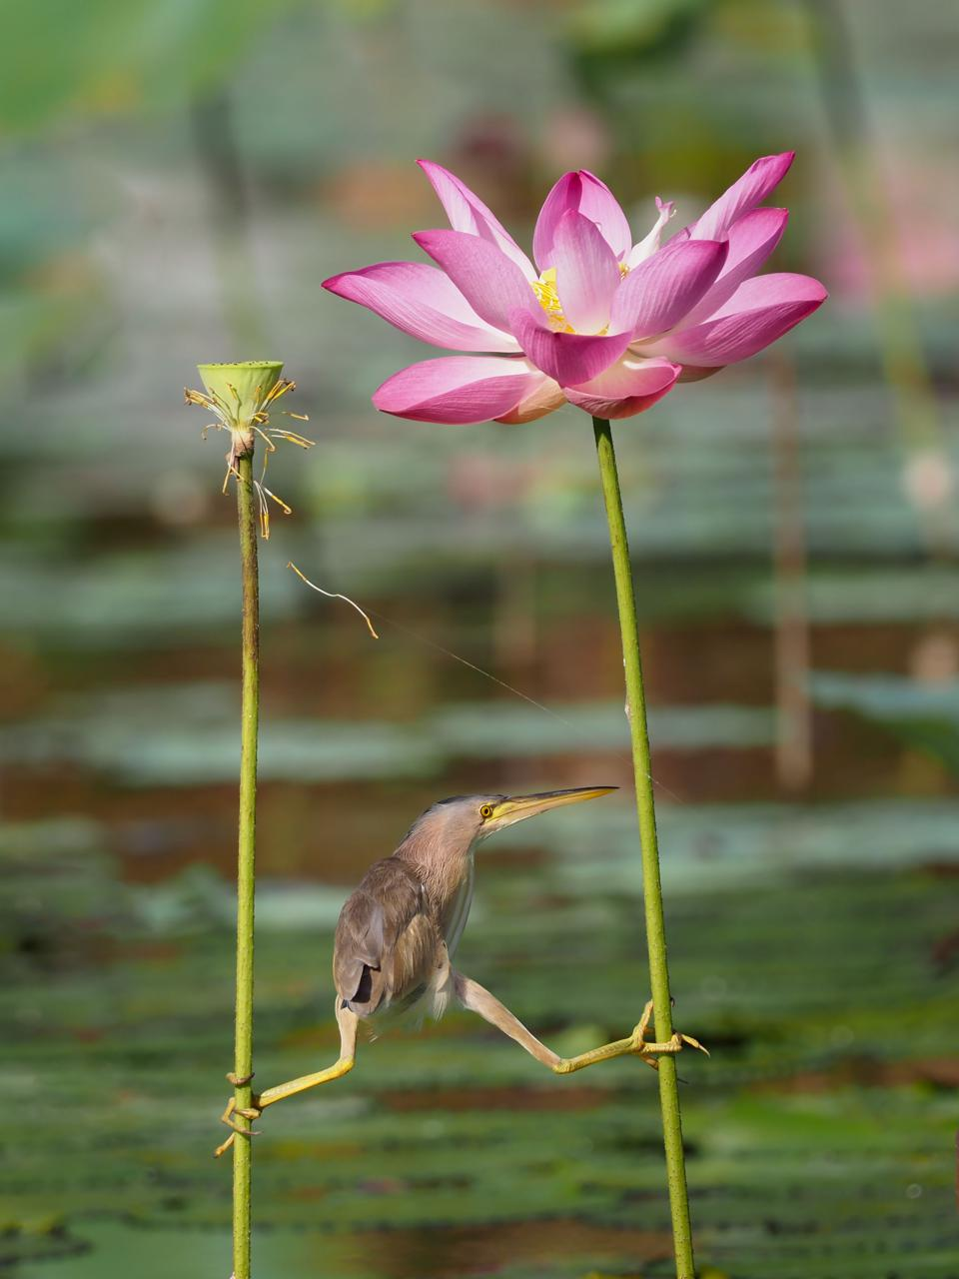 Un pájaro colgando de flores de loto.